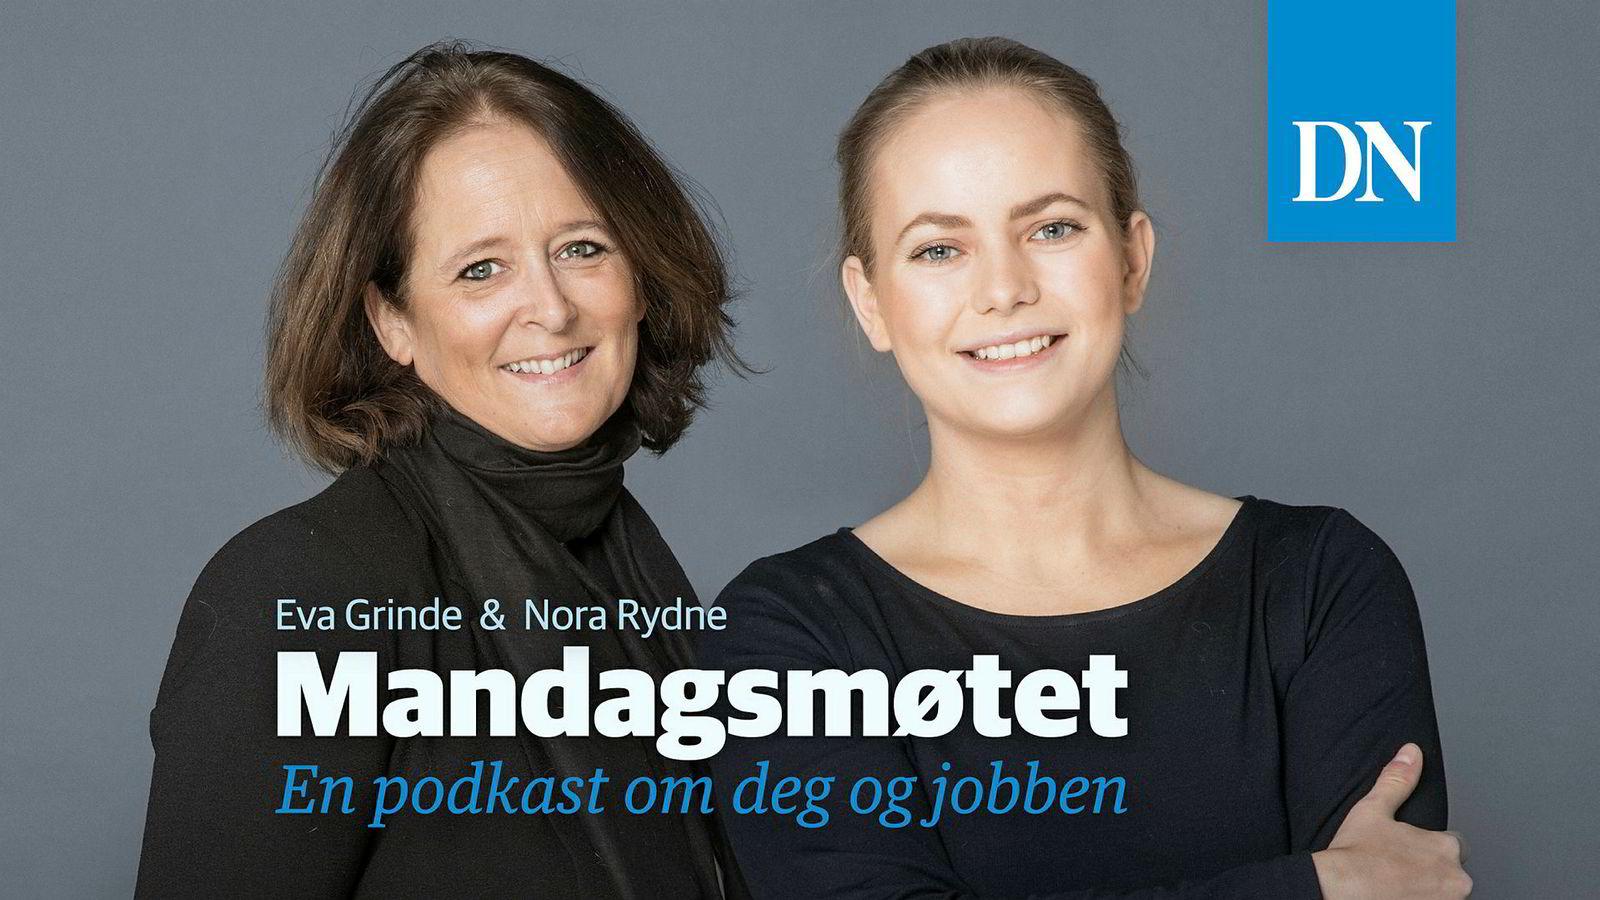 Ukens Mandagsmøtet med Eva Grinde og Nora Rydne dreier seg om å lykkes på jobbintervju.